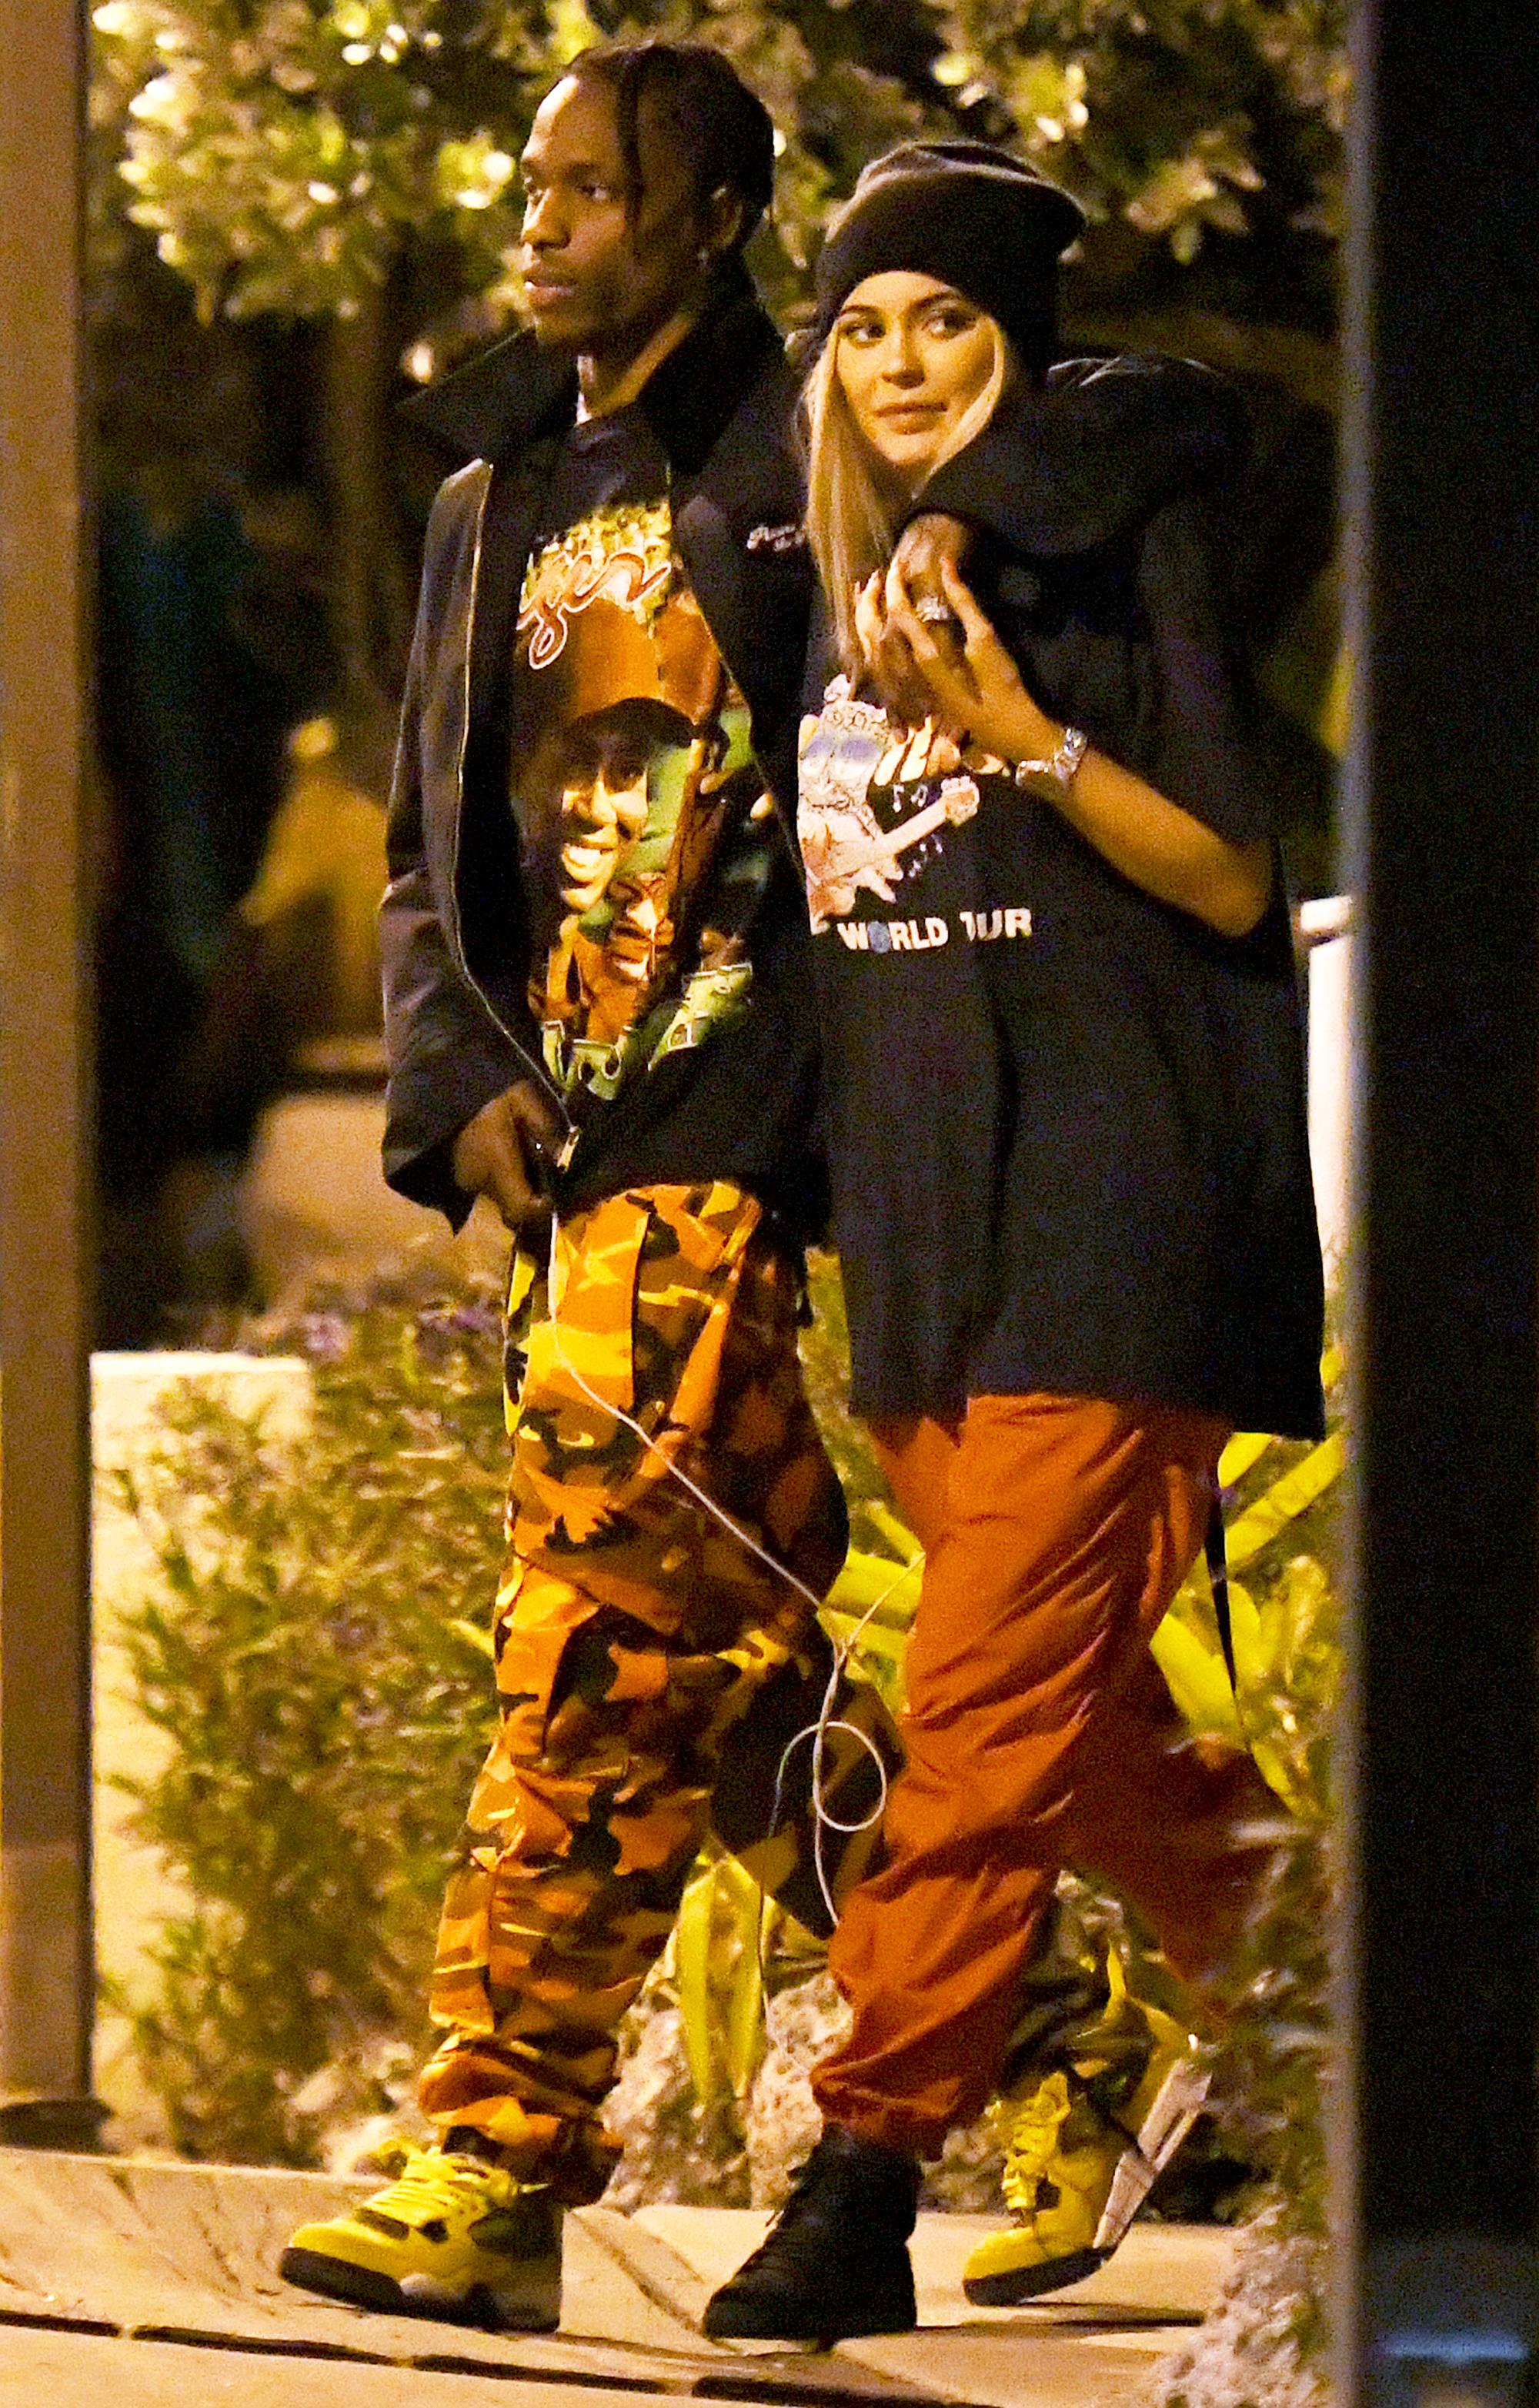 dafec4eb6ed35 Kylie Jenner and Travis Scott  Relationship Timeline